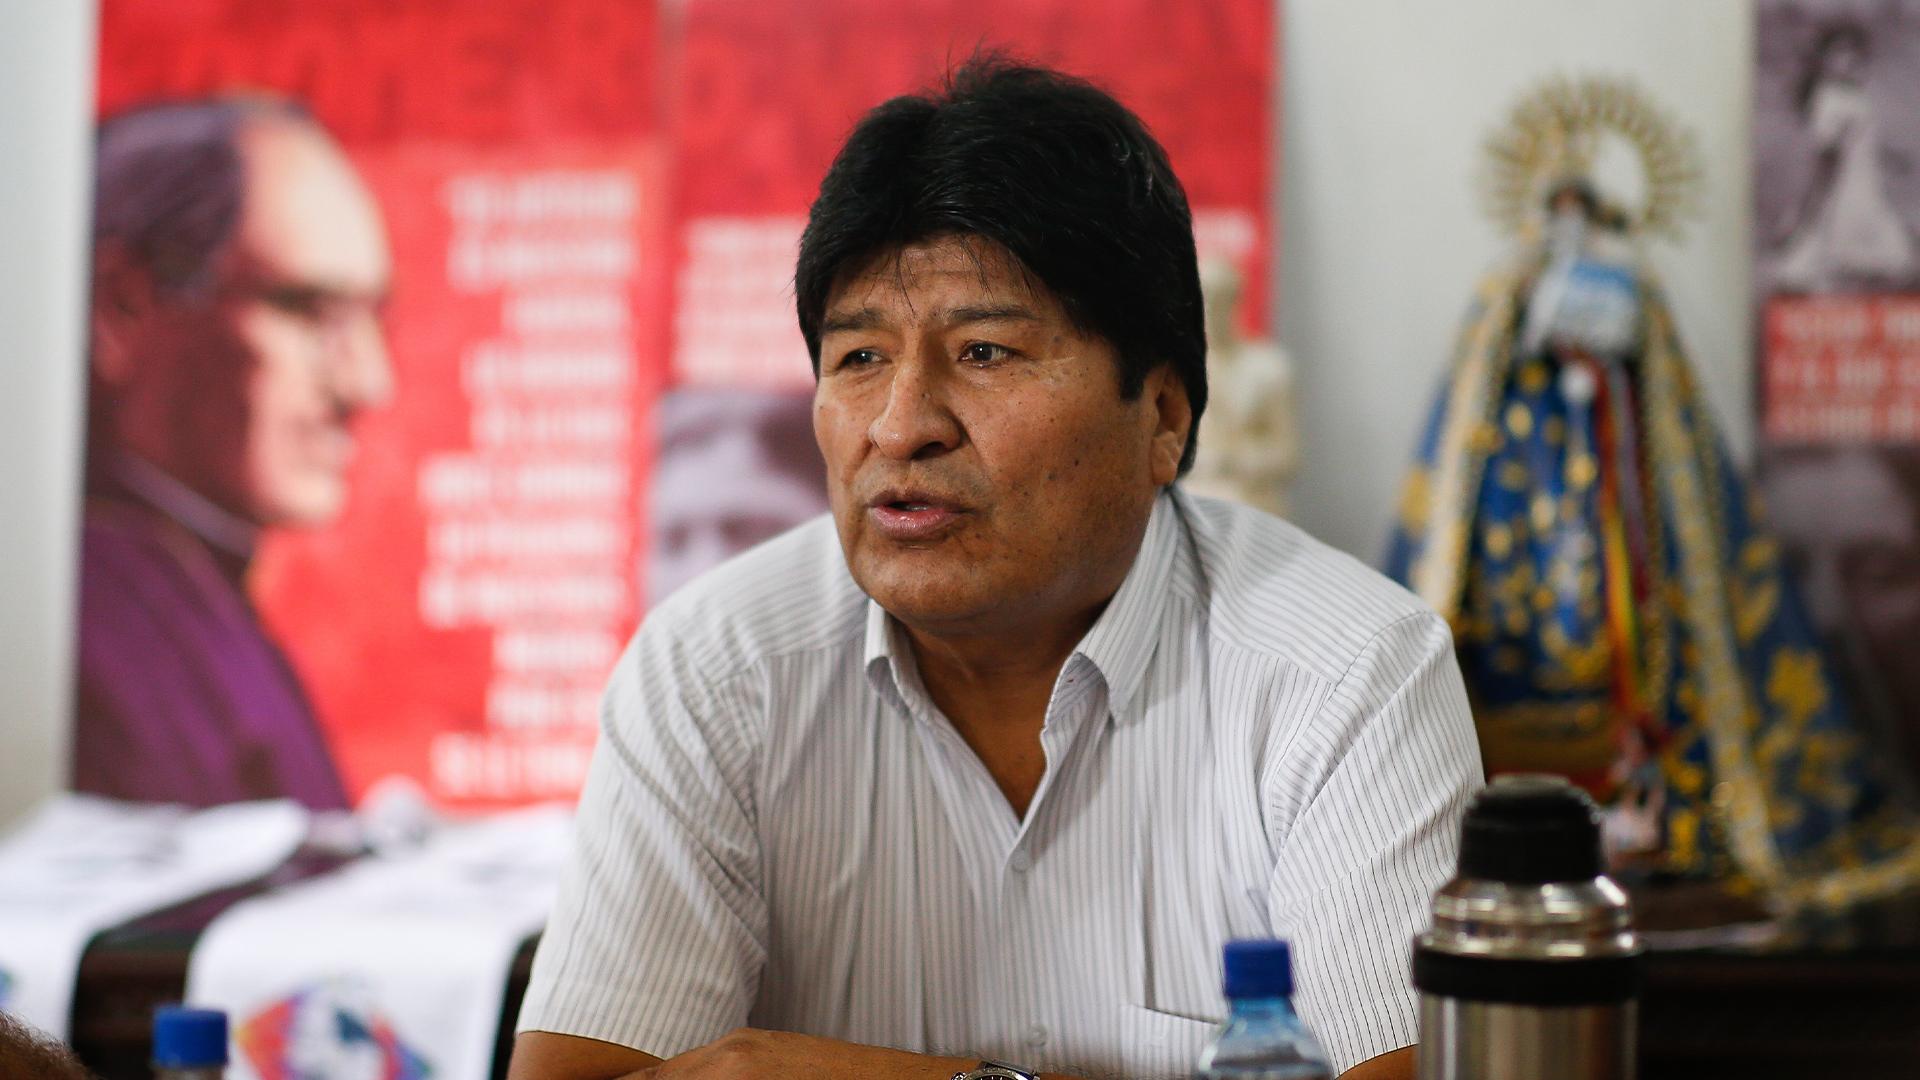 Confusión respecto de una posible orden de captura contra Evo Morales — Bolivia